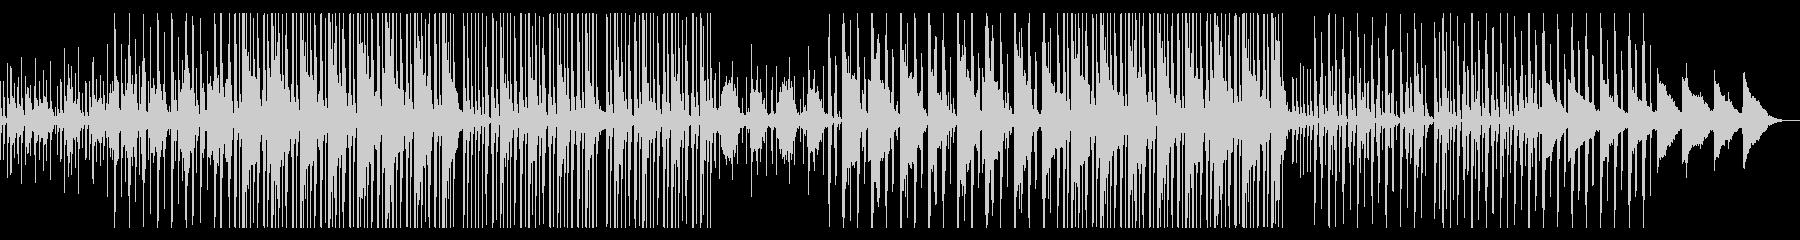 和風ダークヒップホップ5(三味線,尺八)の未再生の波形